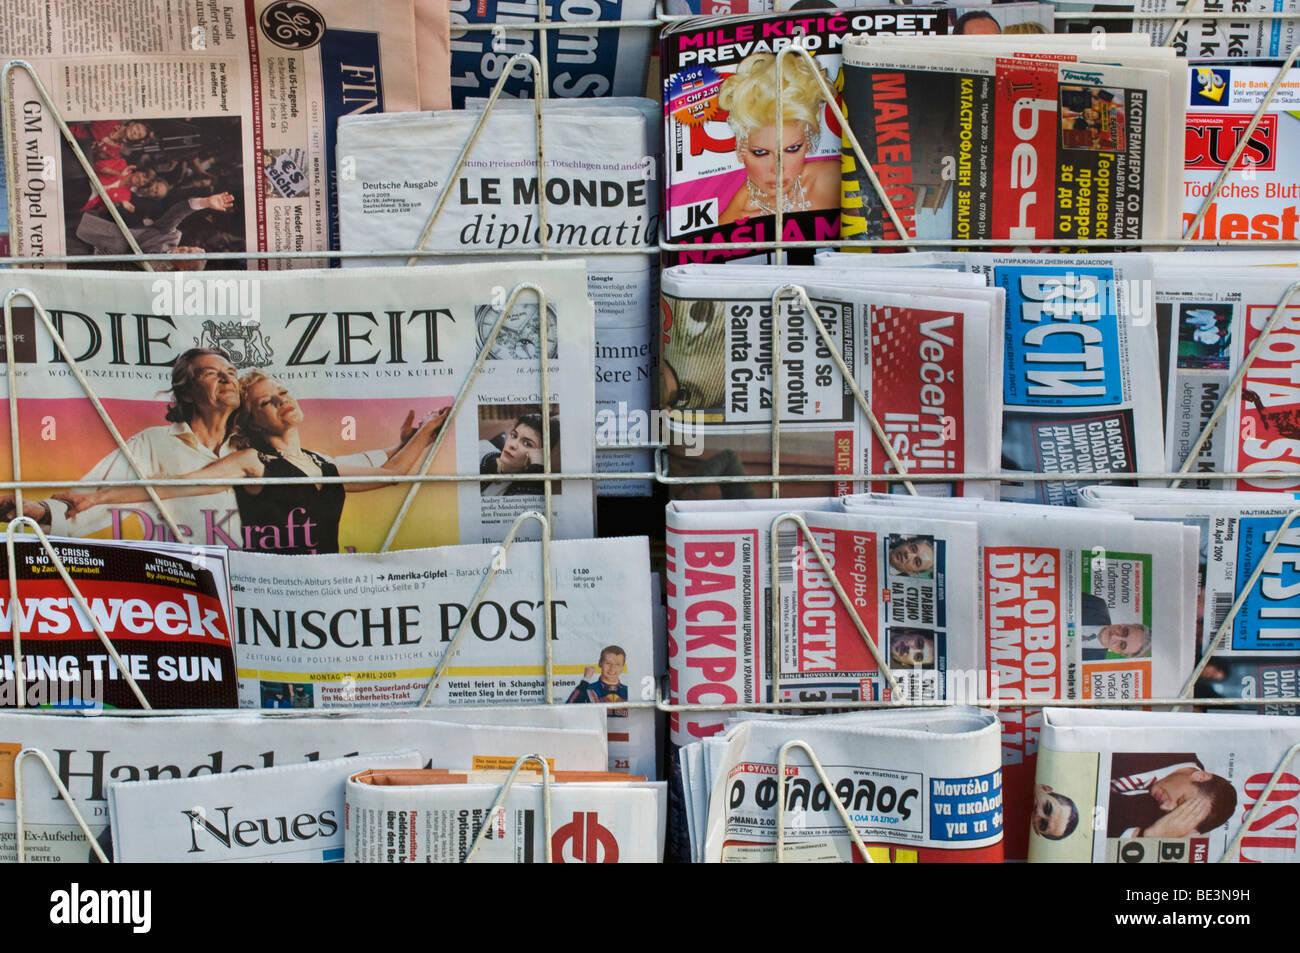 Zeitungskiosk, deutsche und ausländische Zeitungen Stockbild